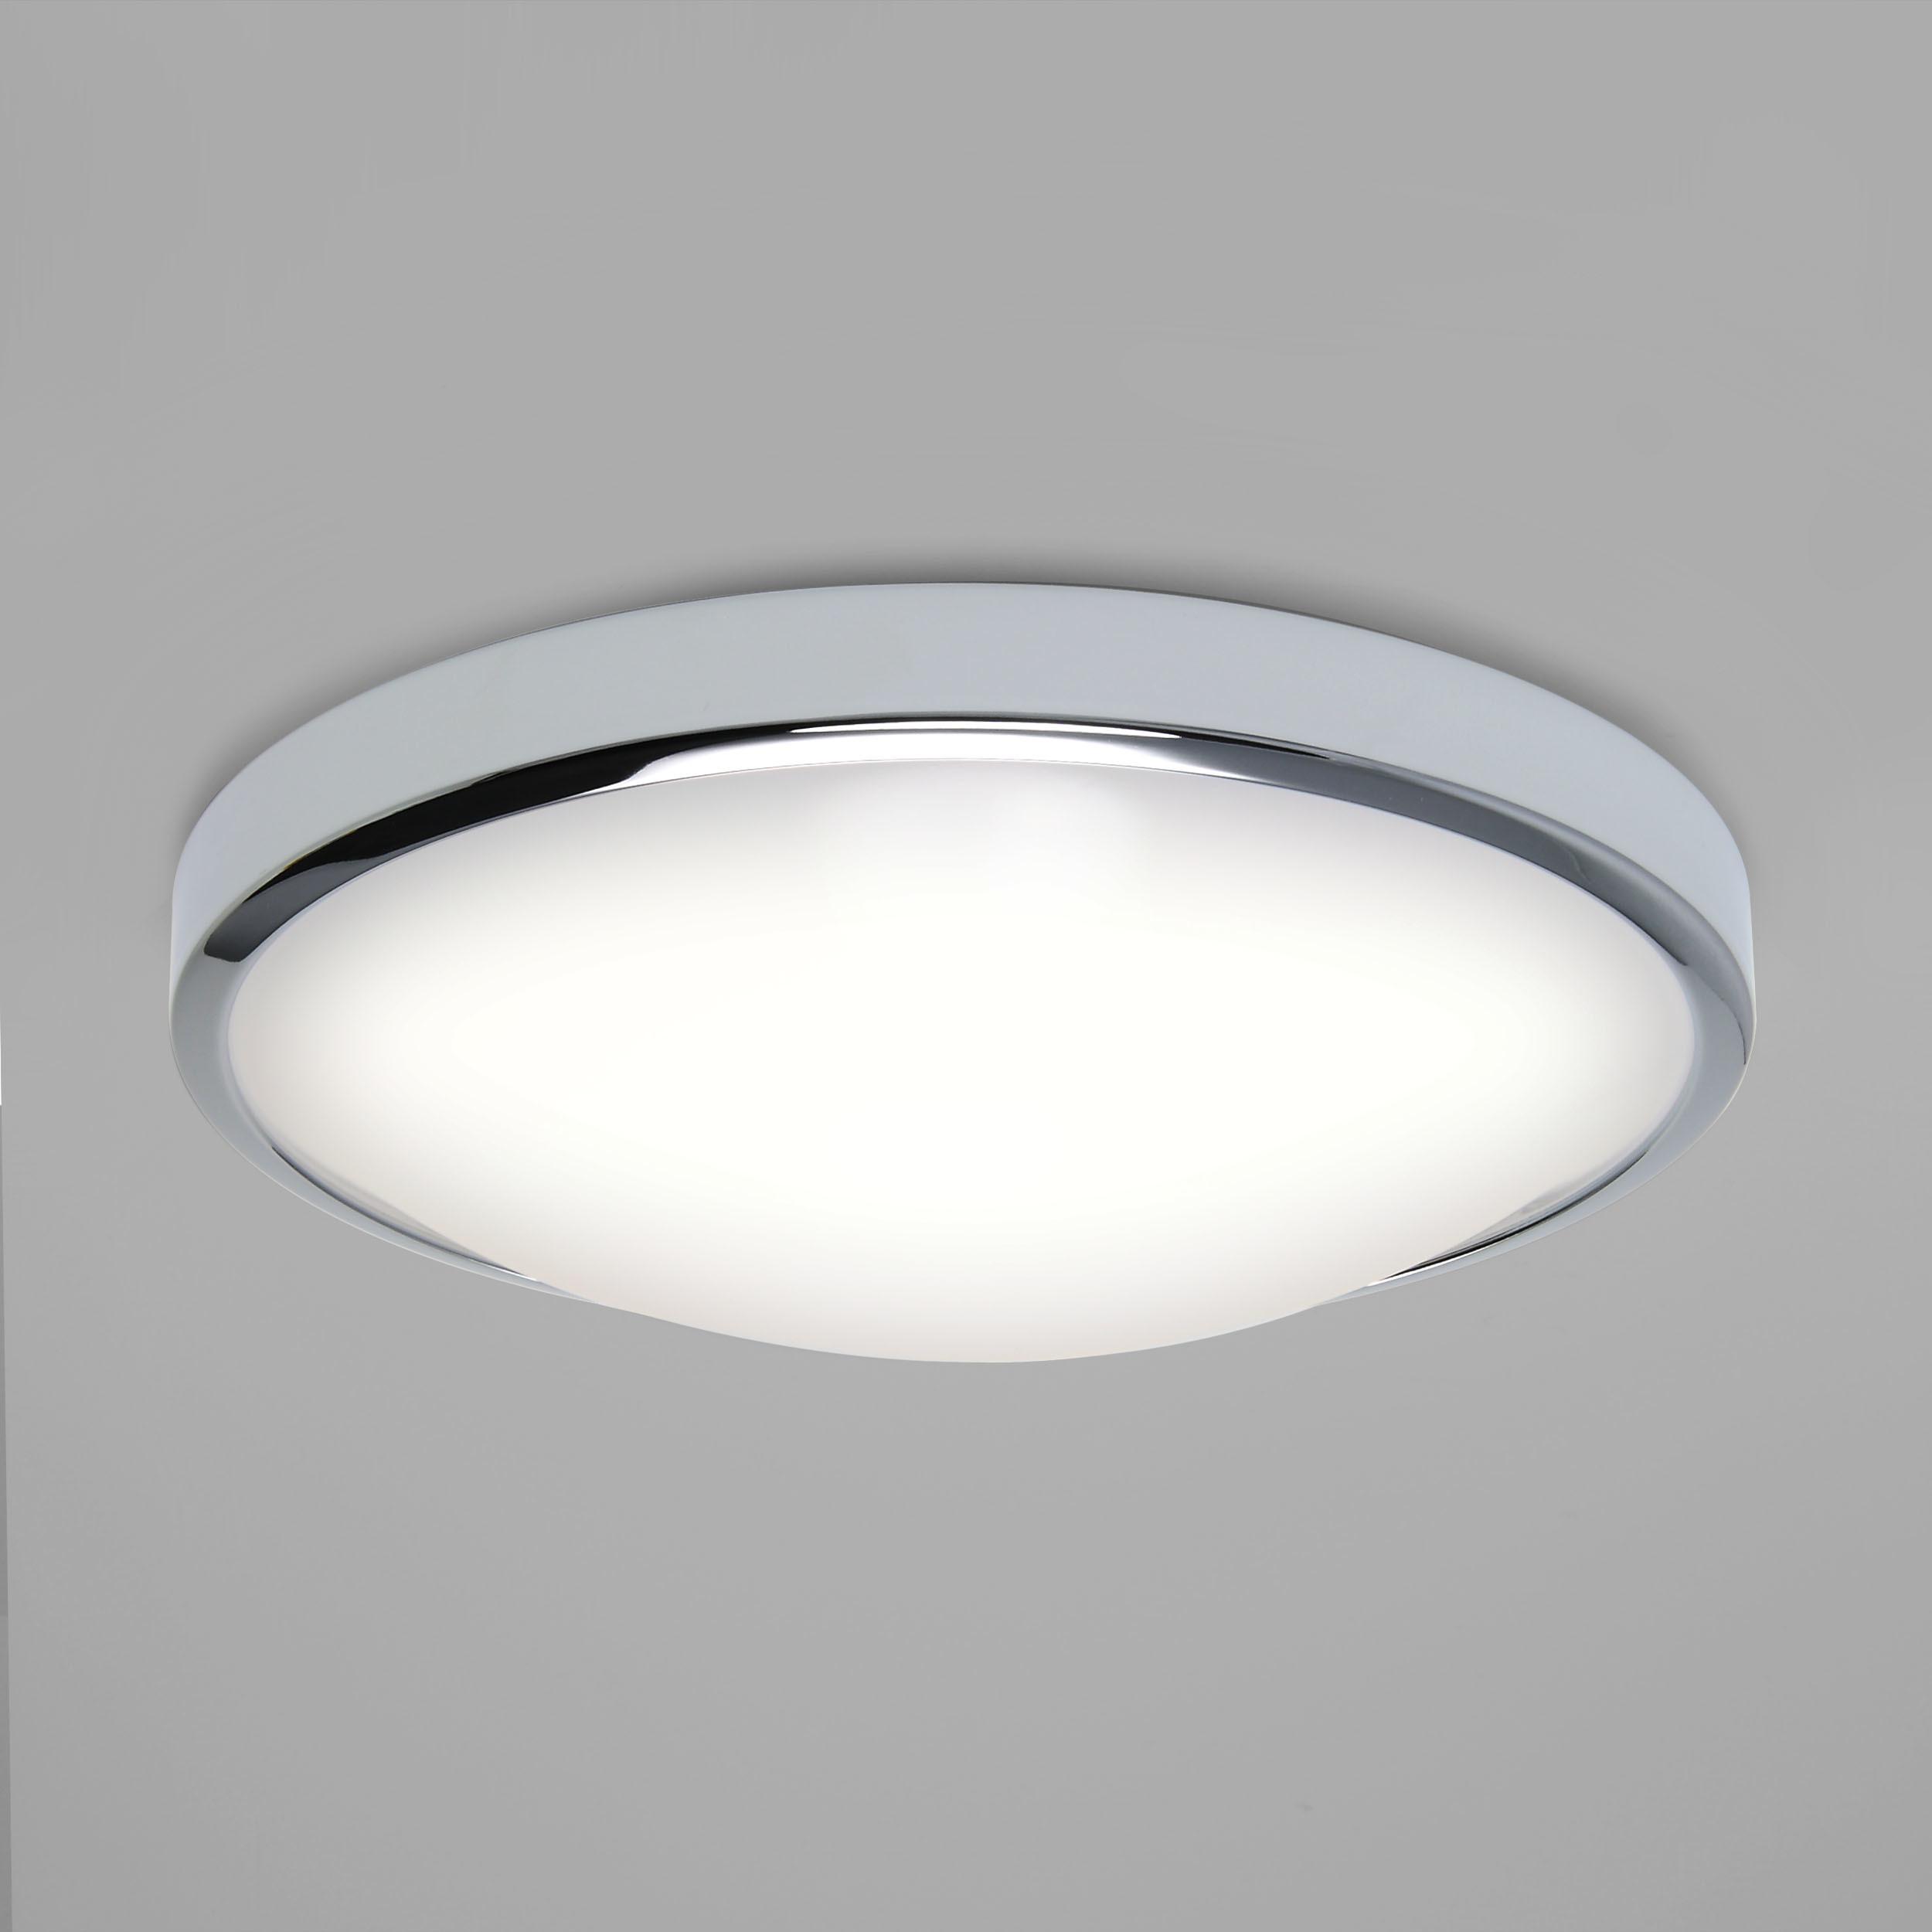 Потолочный светодиодный светильник Astro Osaka LED 1061009 (7831), IP44, LED 16W 2700K 1048lm CRI>80, хром, металл с пластиком, пластик - фото 1